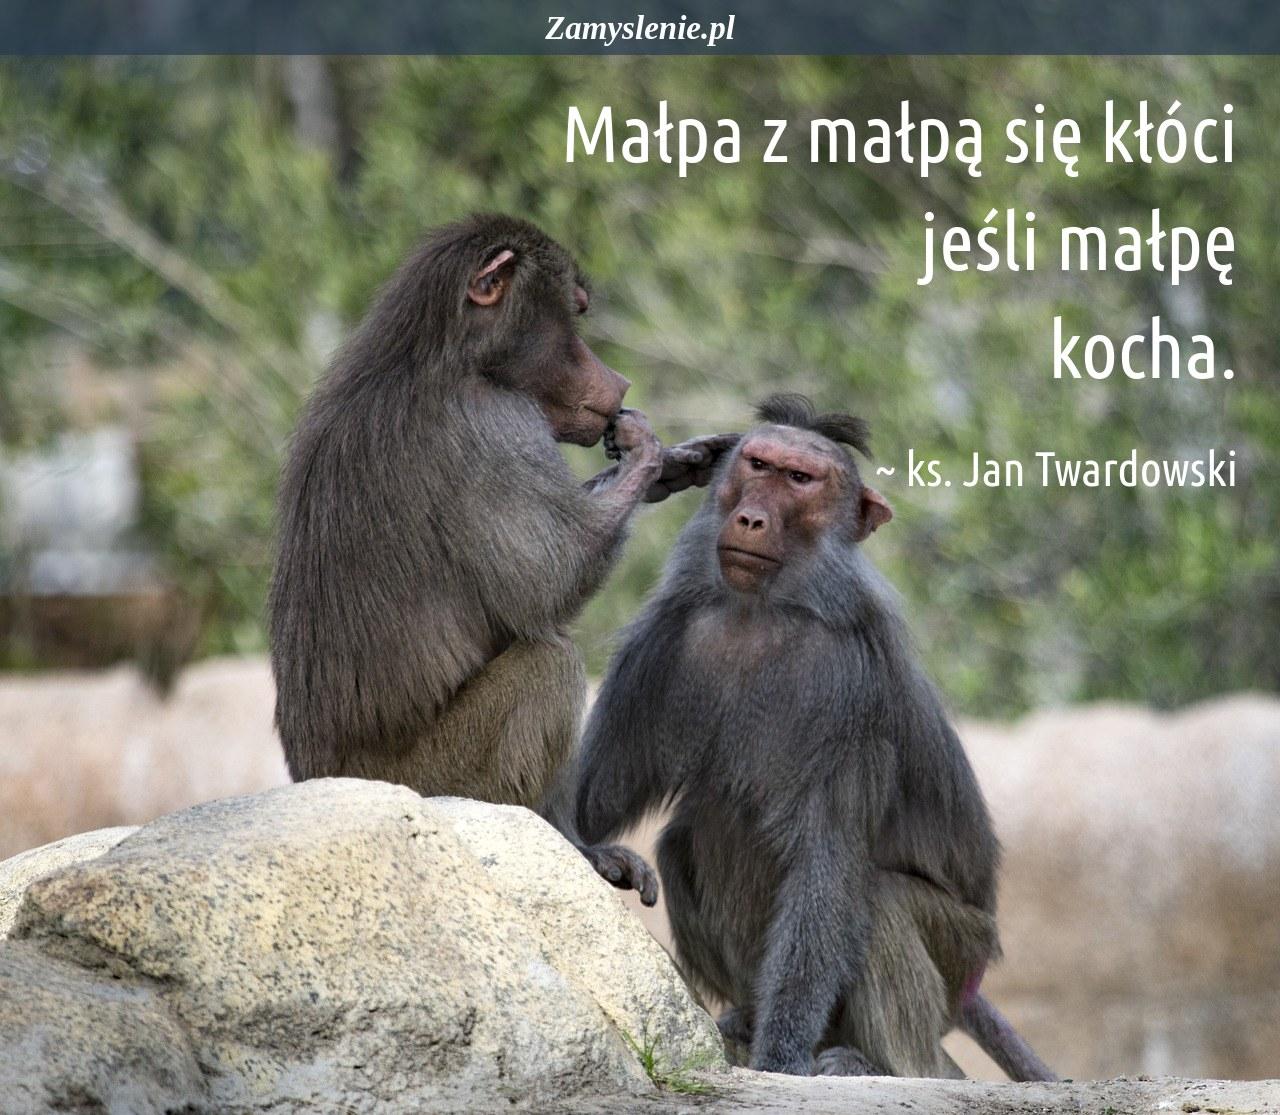 Obraz / mem do cytatu: Małpa z małpą się kłóci jeśli małpę kocha.